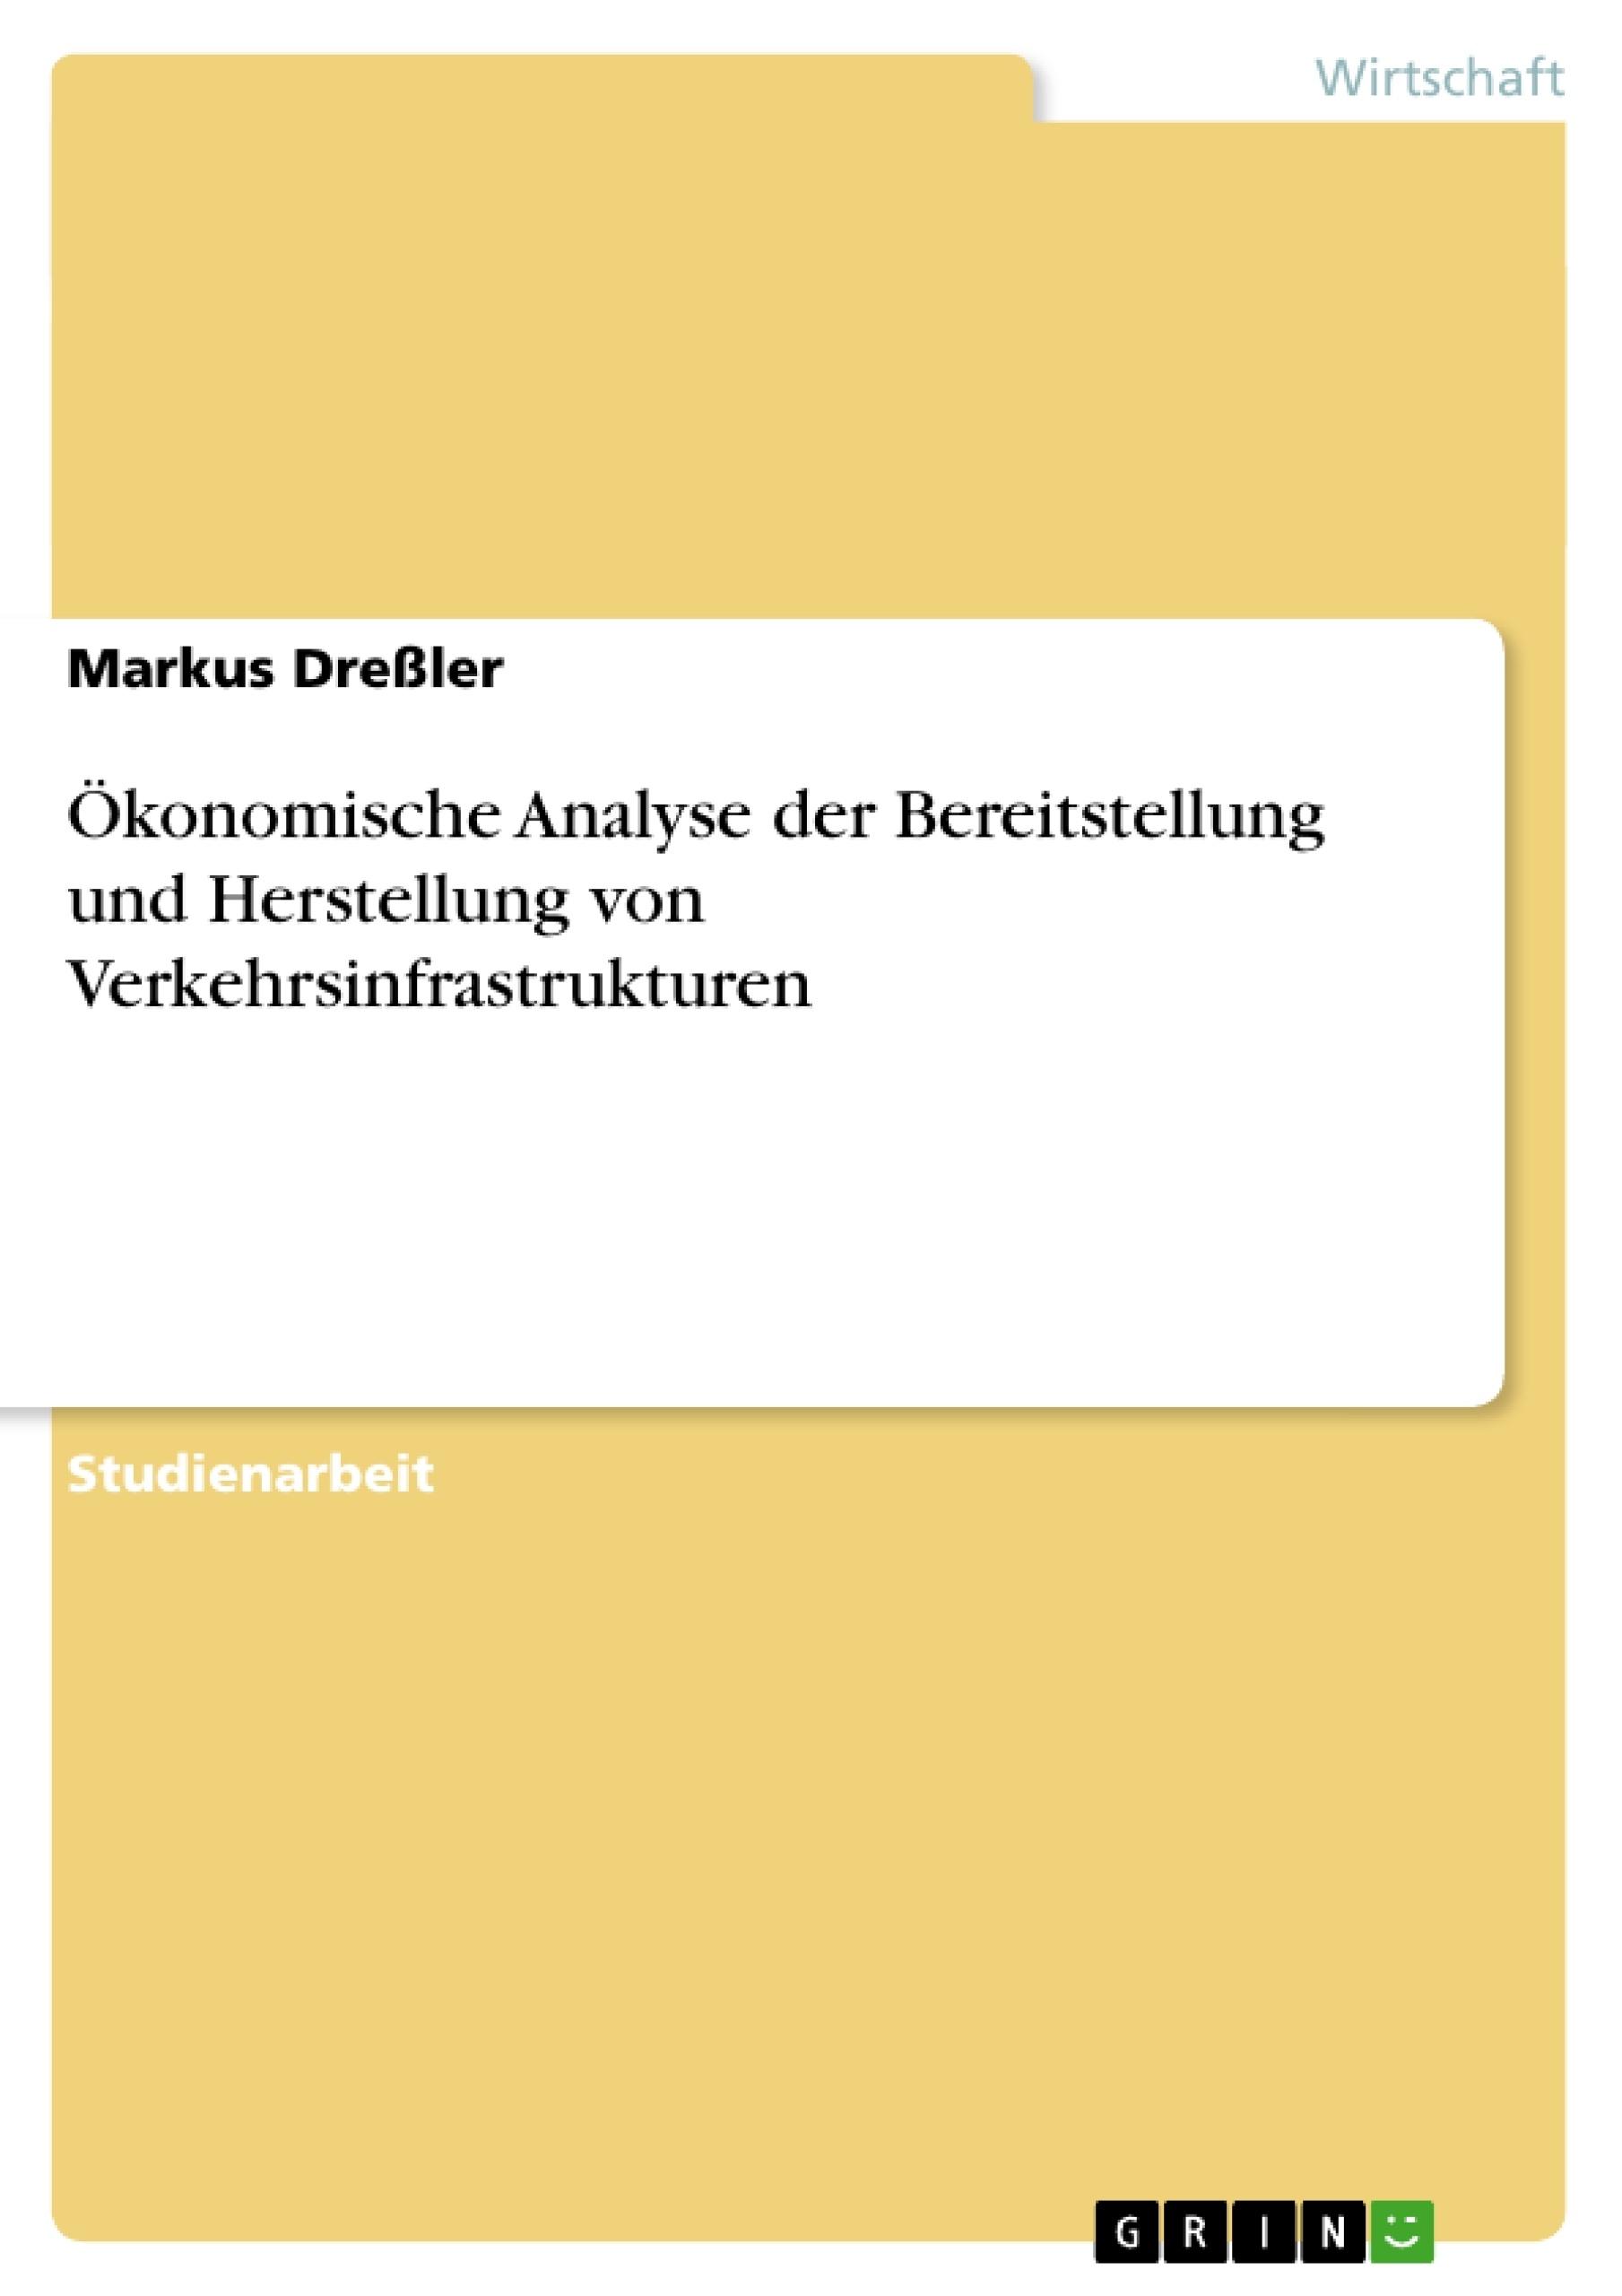 Titel: Ökonomische Analyse der Bereitstellung und Herstellung von Verkehrsinfrastrukturen